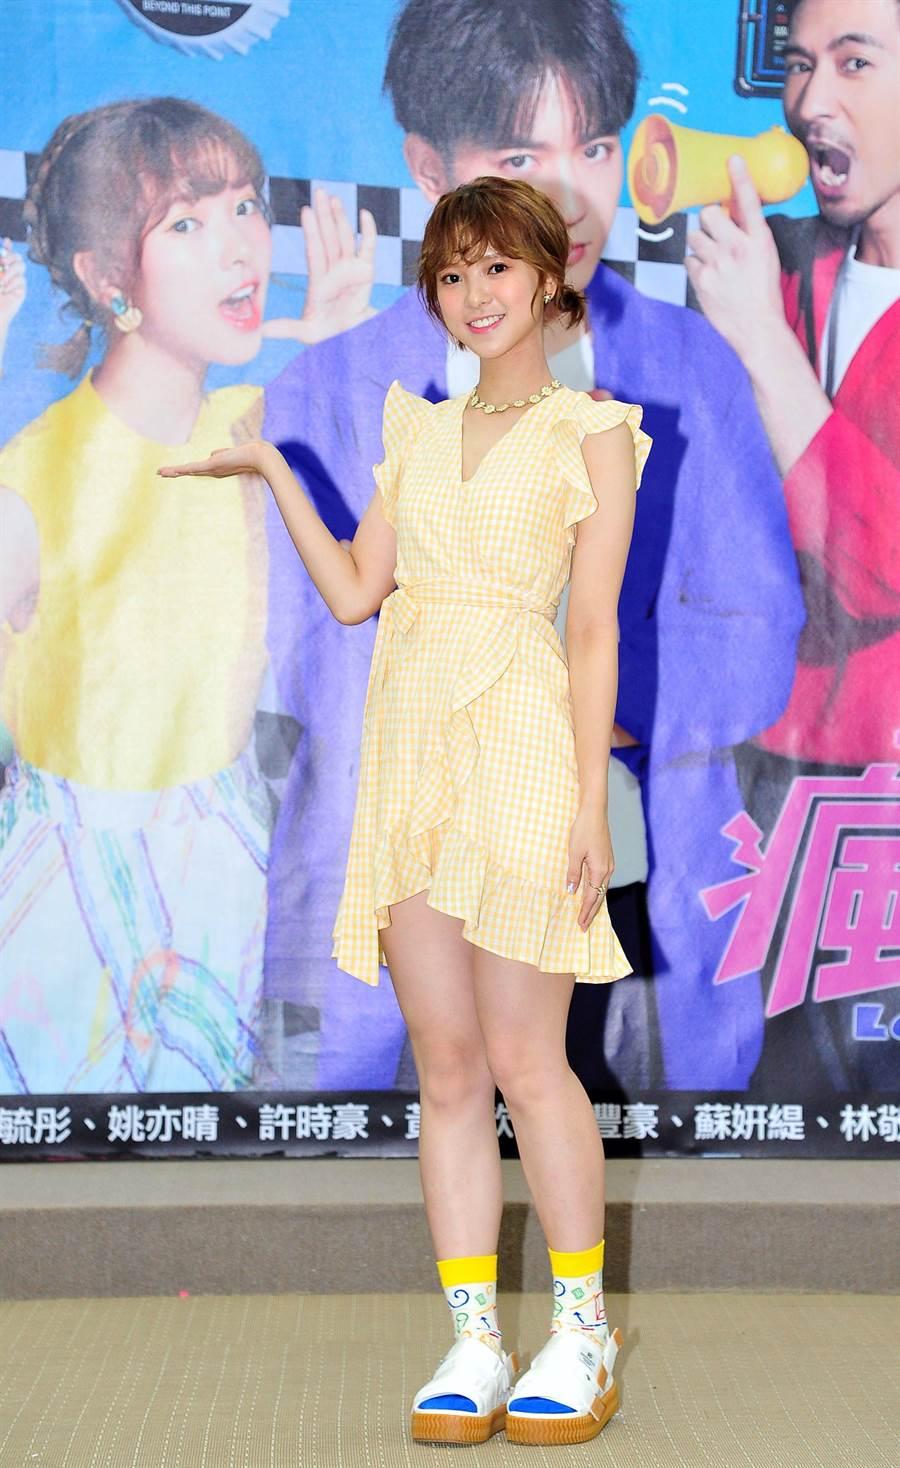 項婕如出席《網紅的瘋狂世界》首映會。(台視提供)